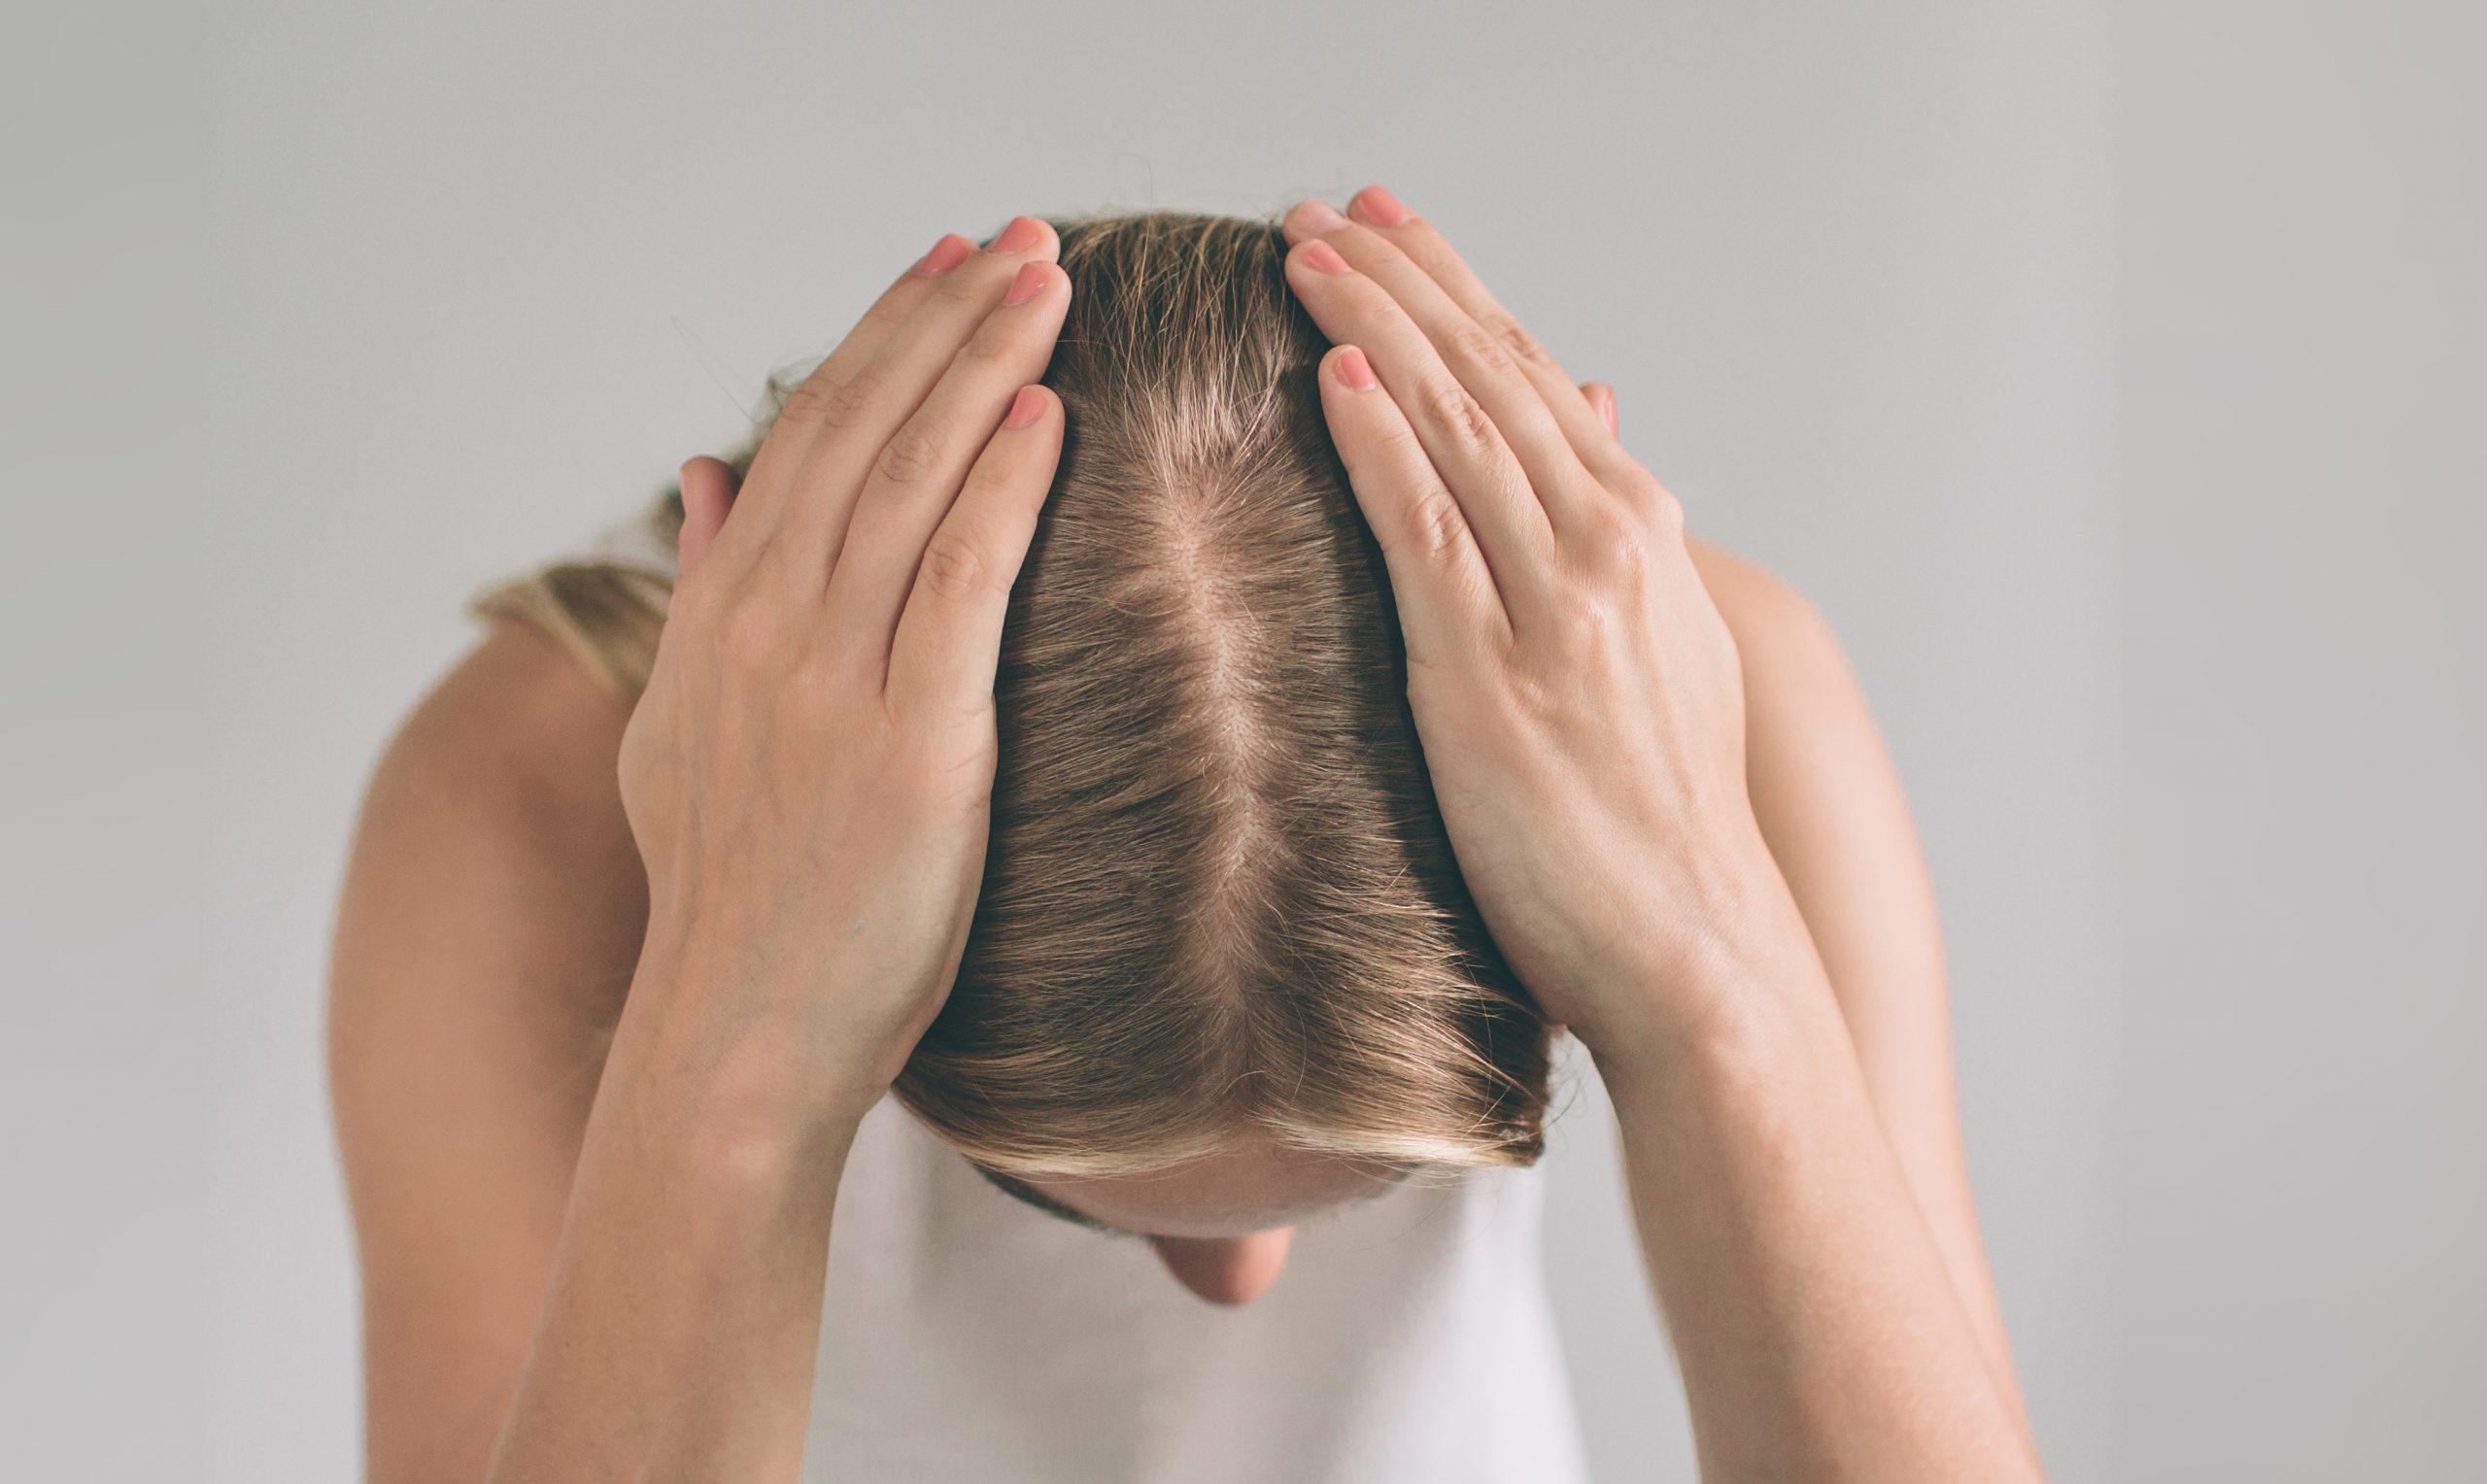 Problemas no couro cabeludo os 5 mais comuns e como solucioná-los